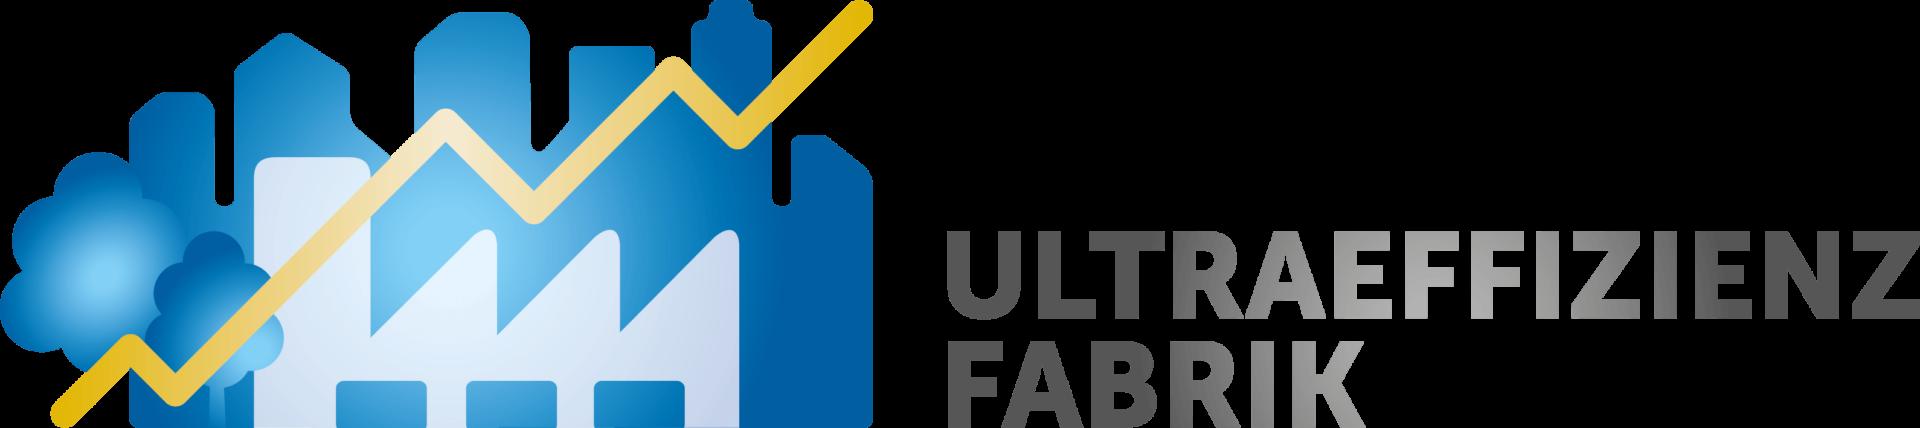 Zentrum für Ultraeffizienz